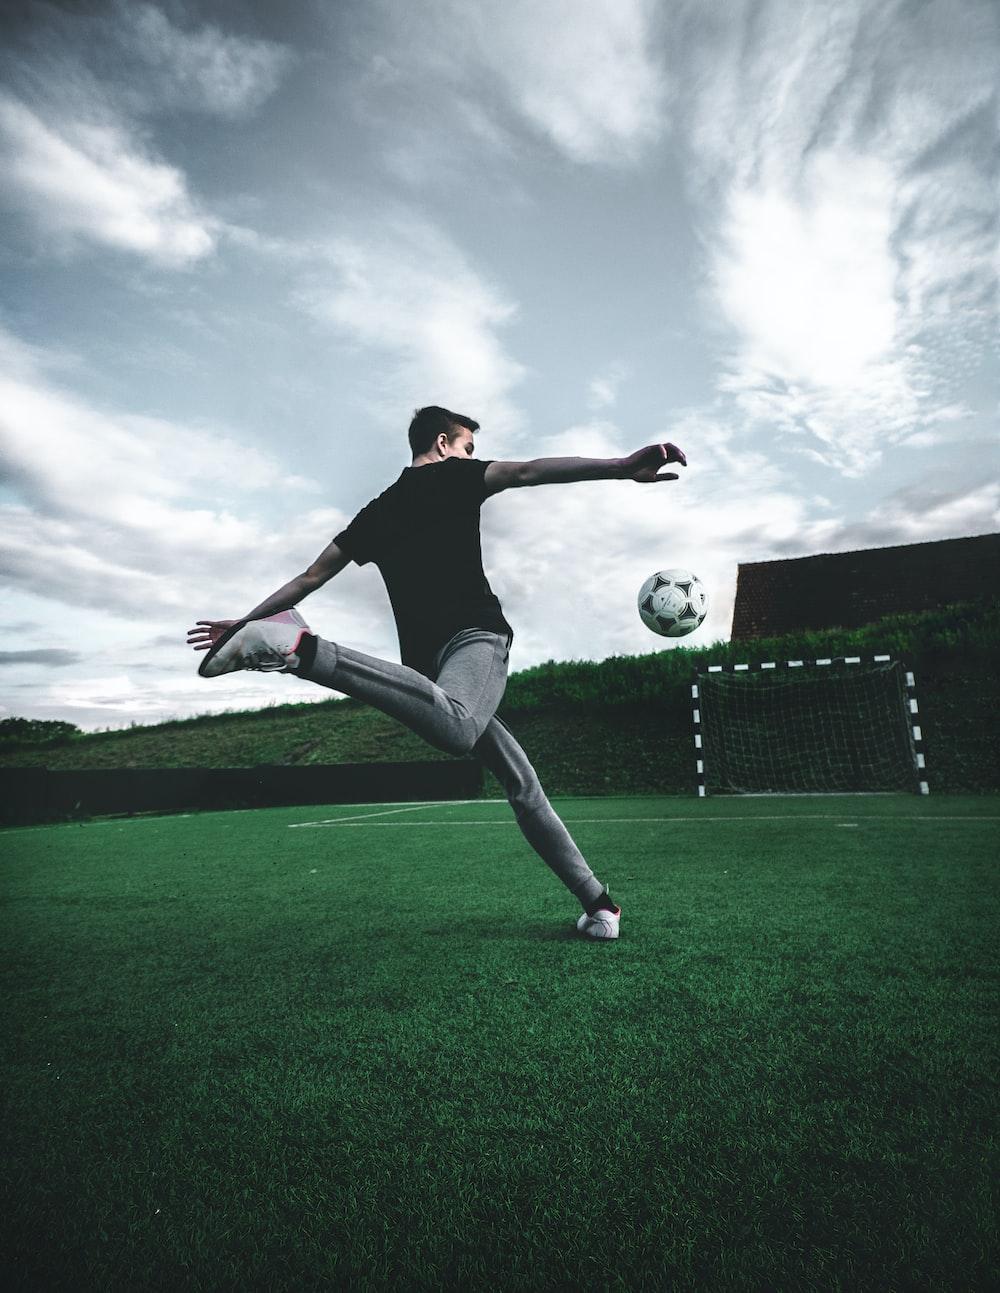 man playing soccer during daytime